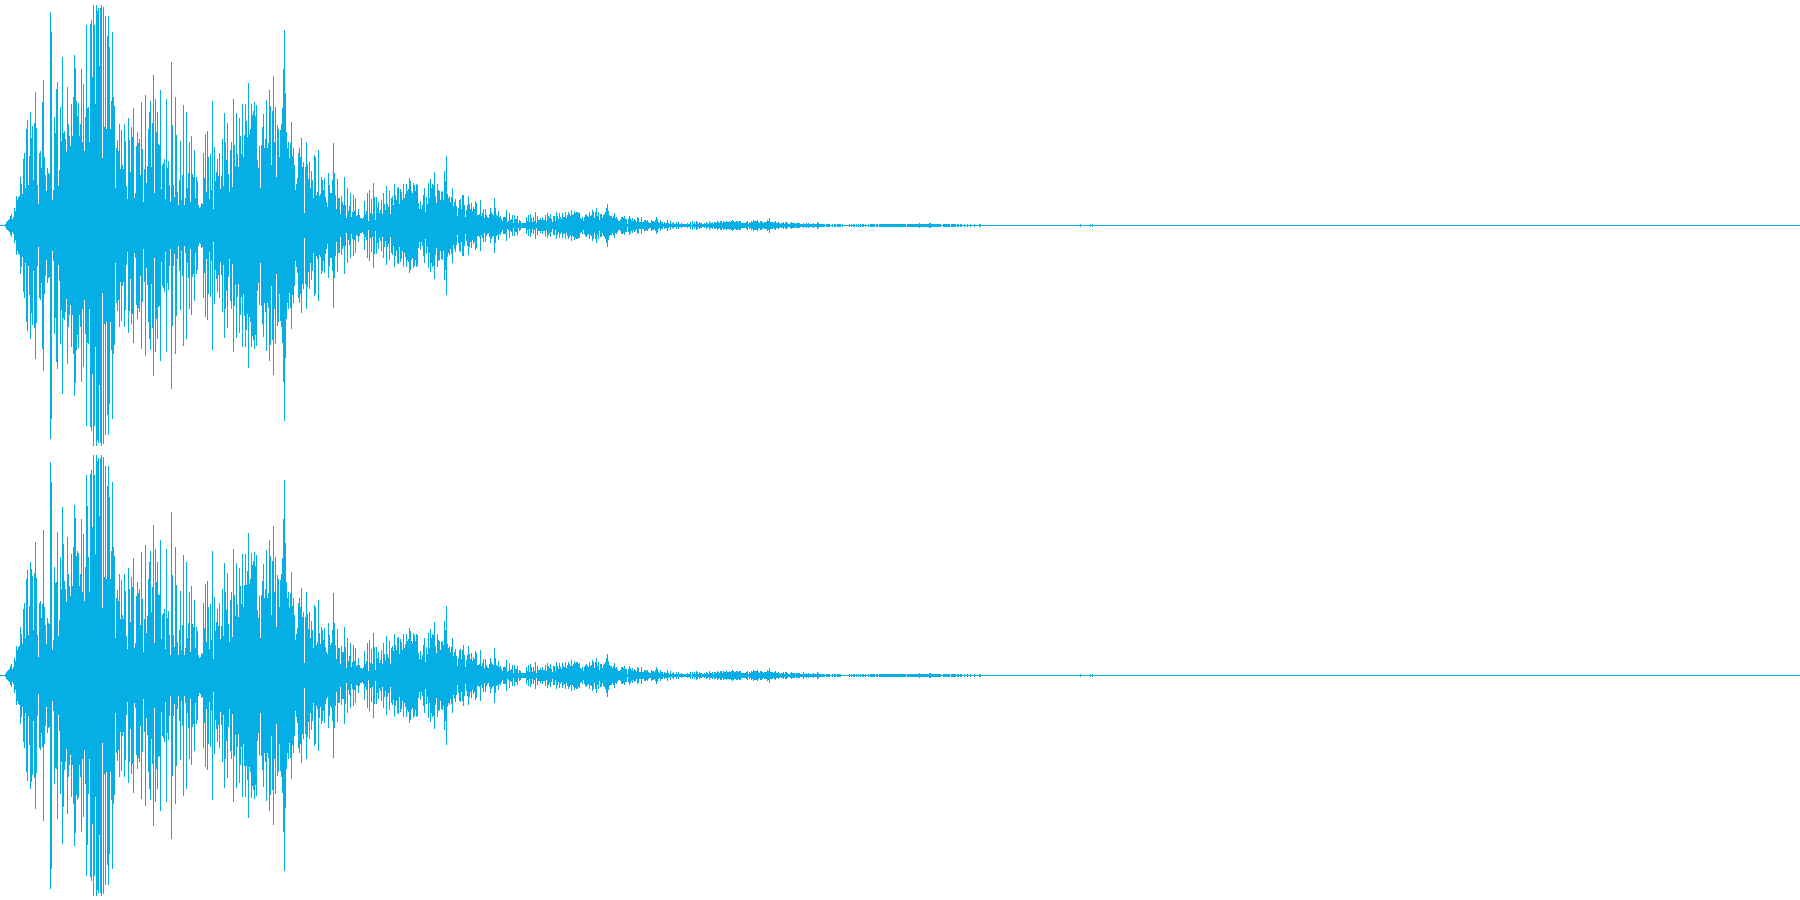 飛び跳ねるイメージの擬音です。非リアル…の再生済みの波形